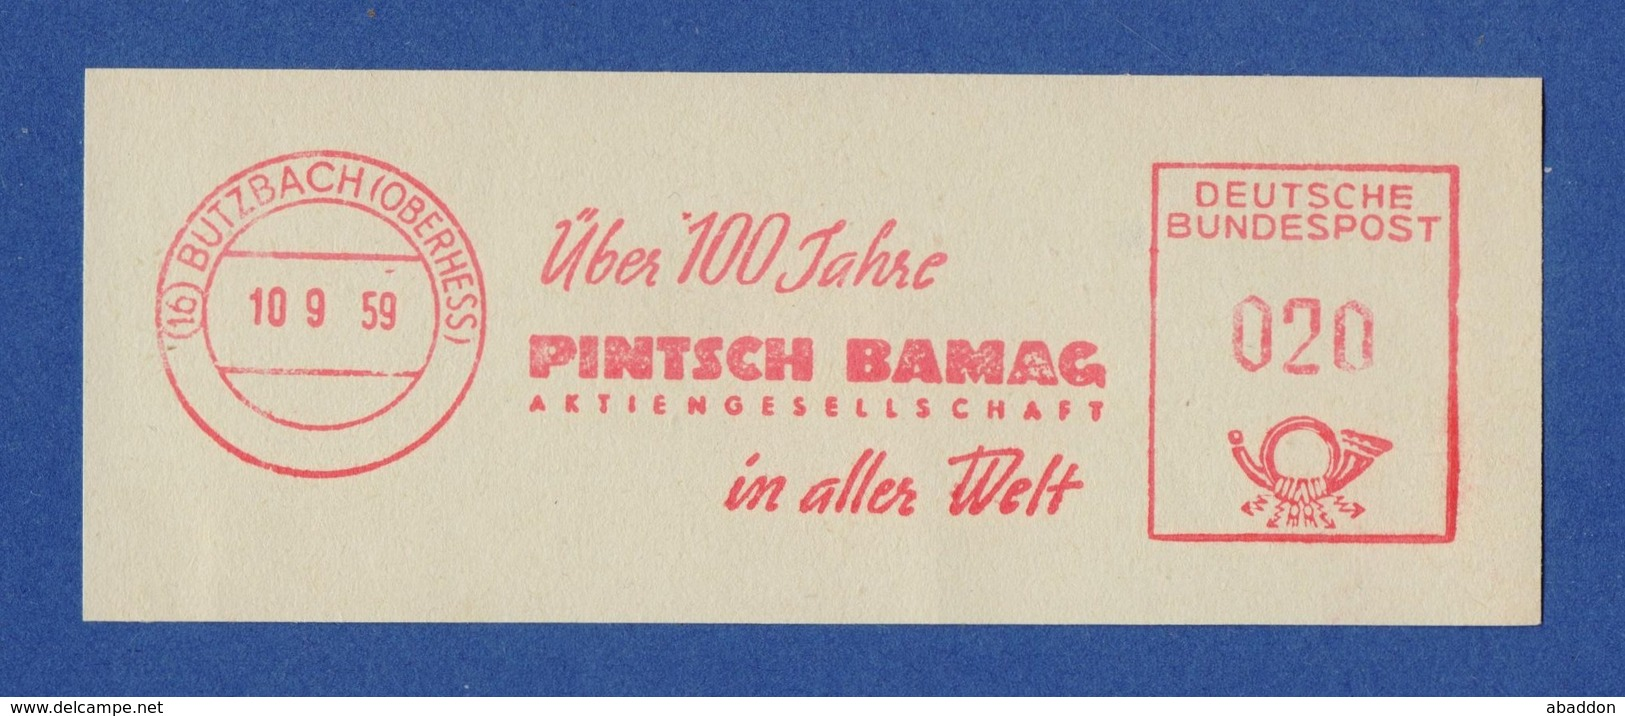 BRD AFS - BUTZBACH, Pintsch Bamag AG 10.9.59 - BRD